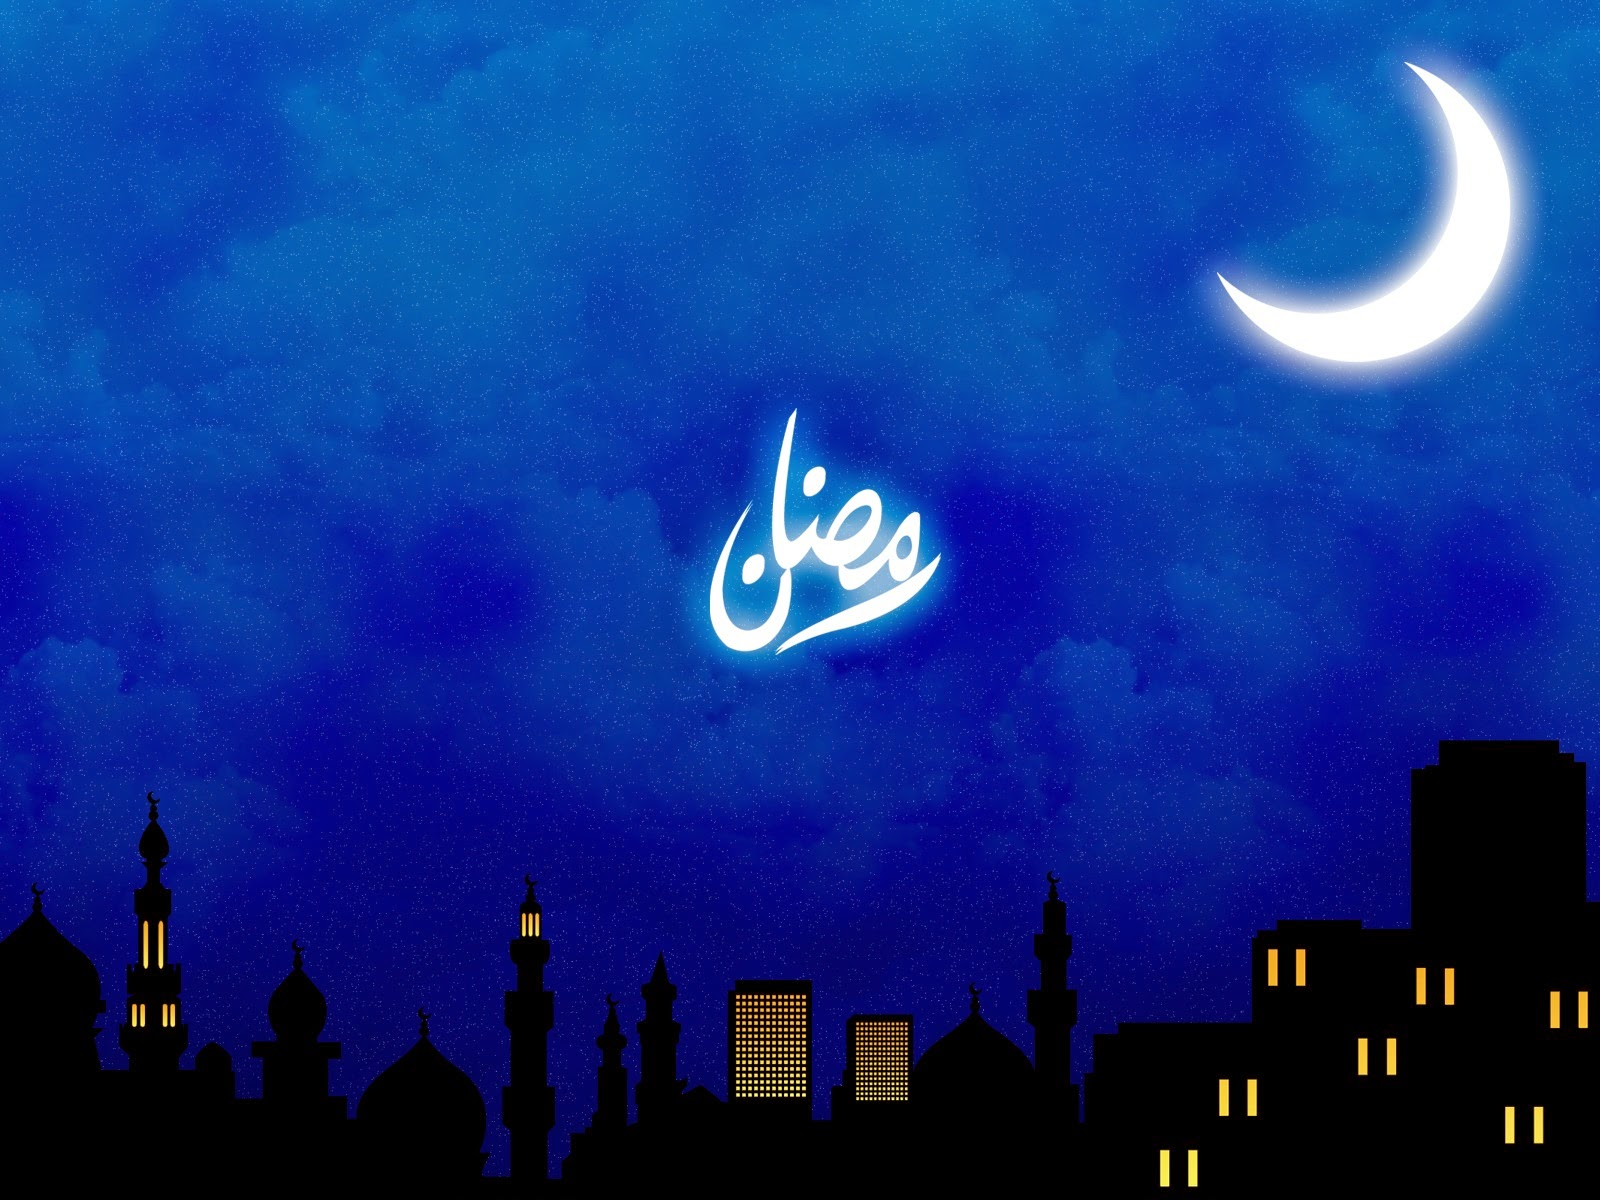 تحميل خلفيات شهر رمضان 2014 رائعة